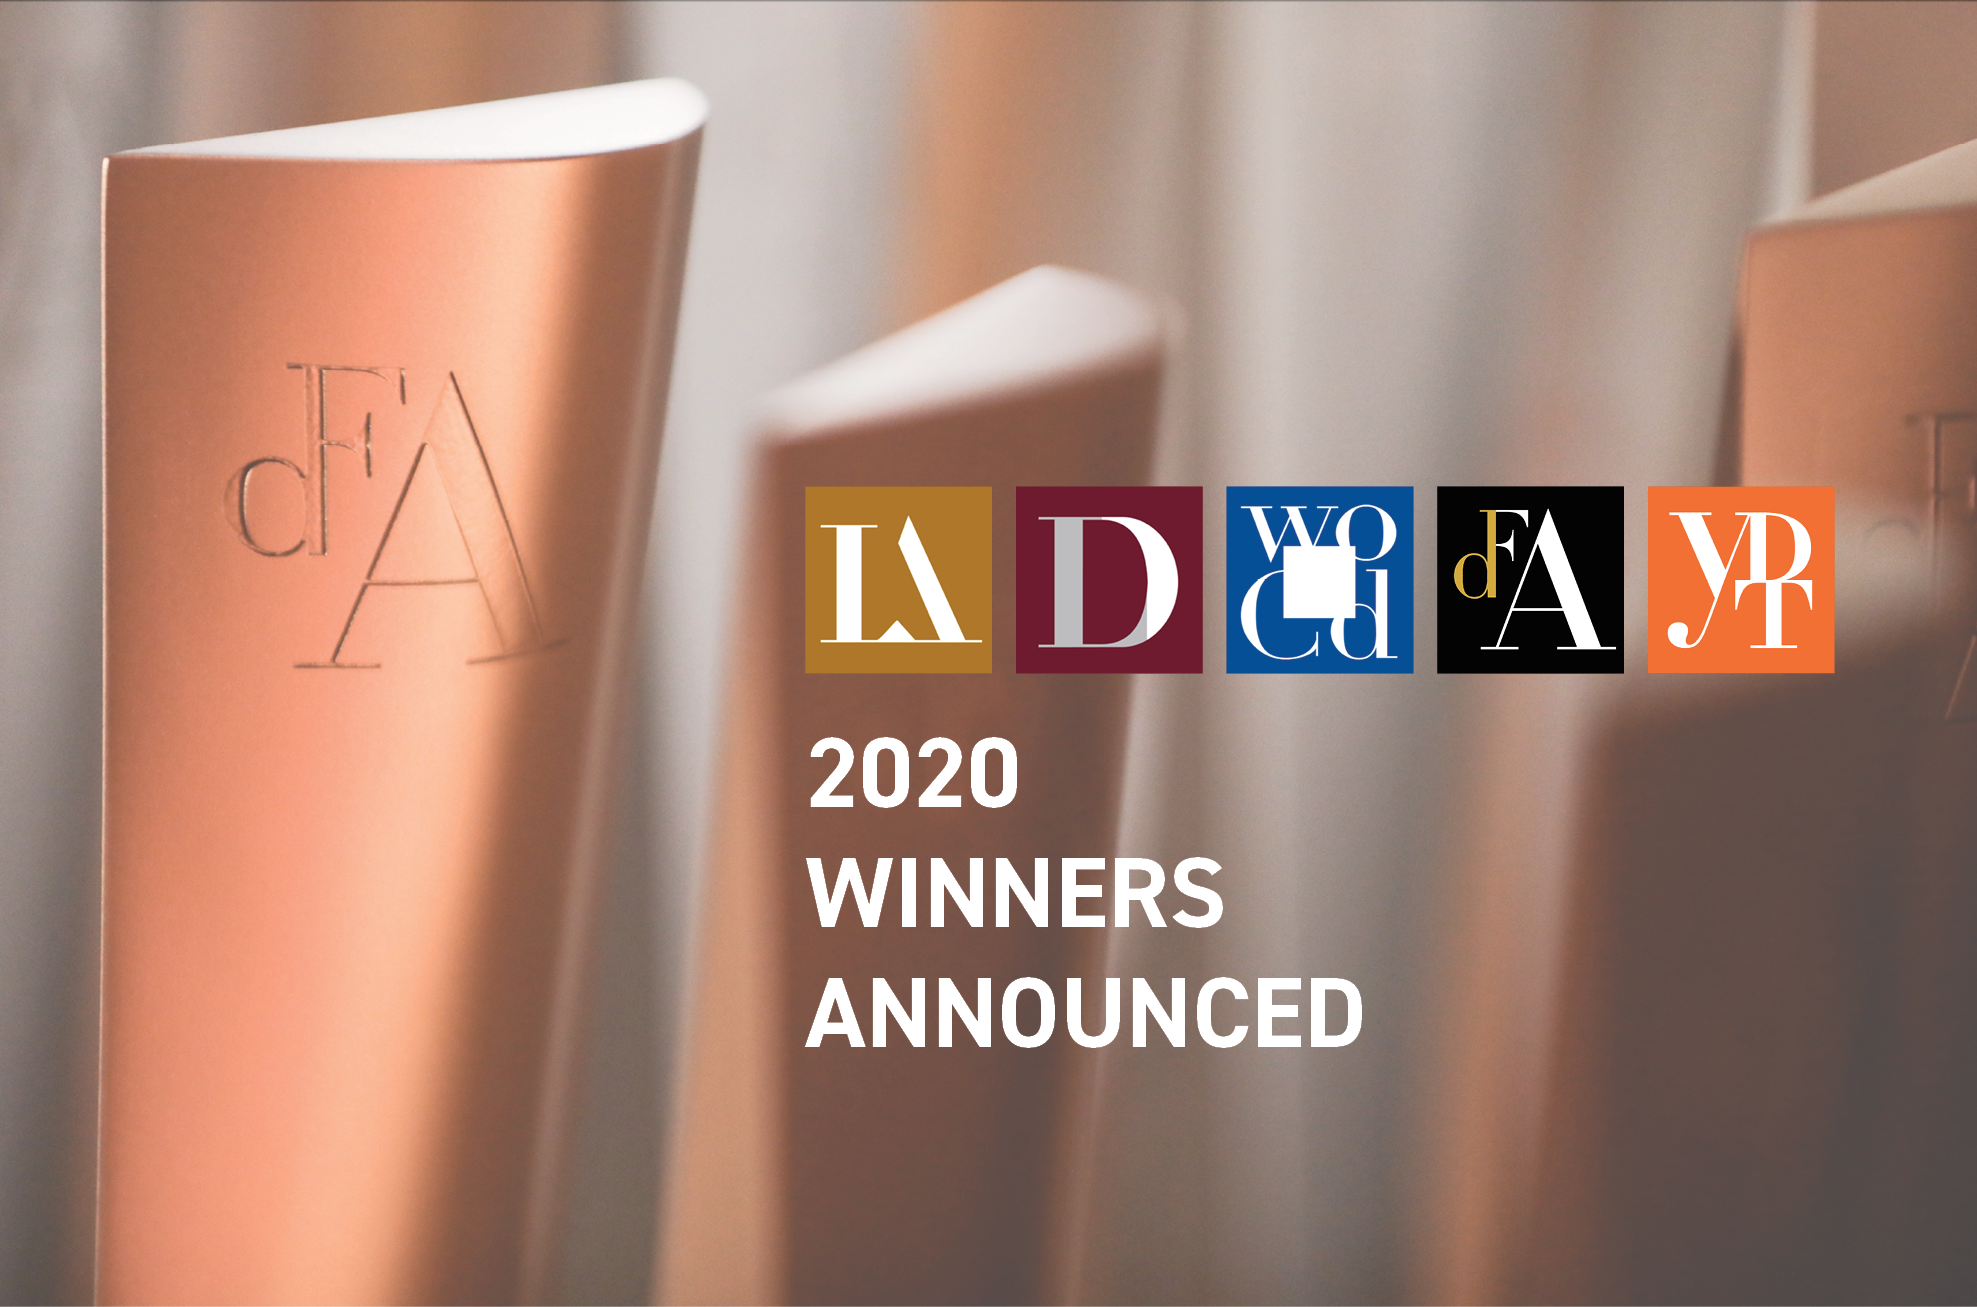 DFA设计奖2020公布得奖名单3位设计界翘楚、16位年青设计精英及197项优秀设计元素获得表彰